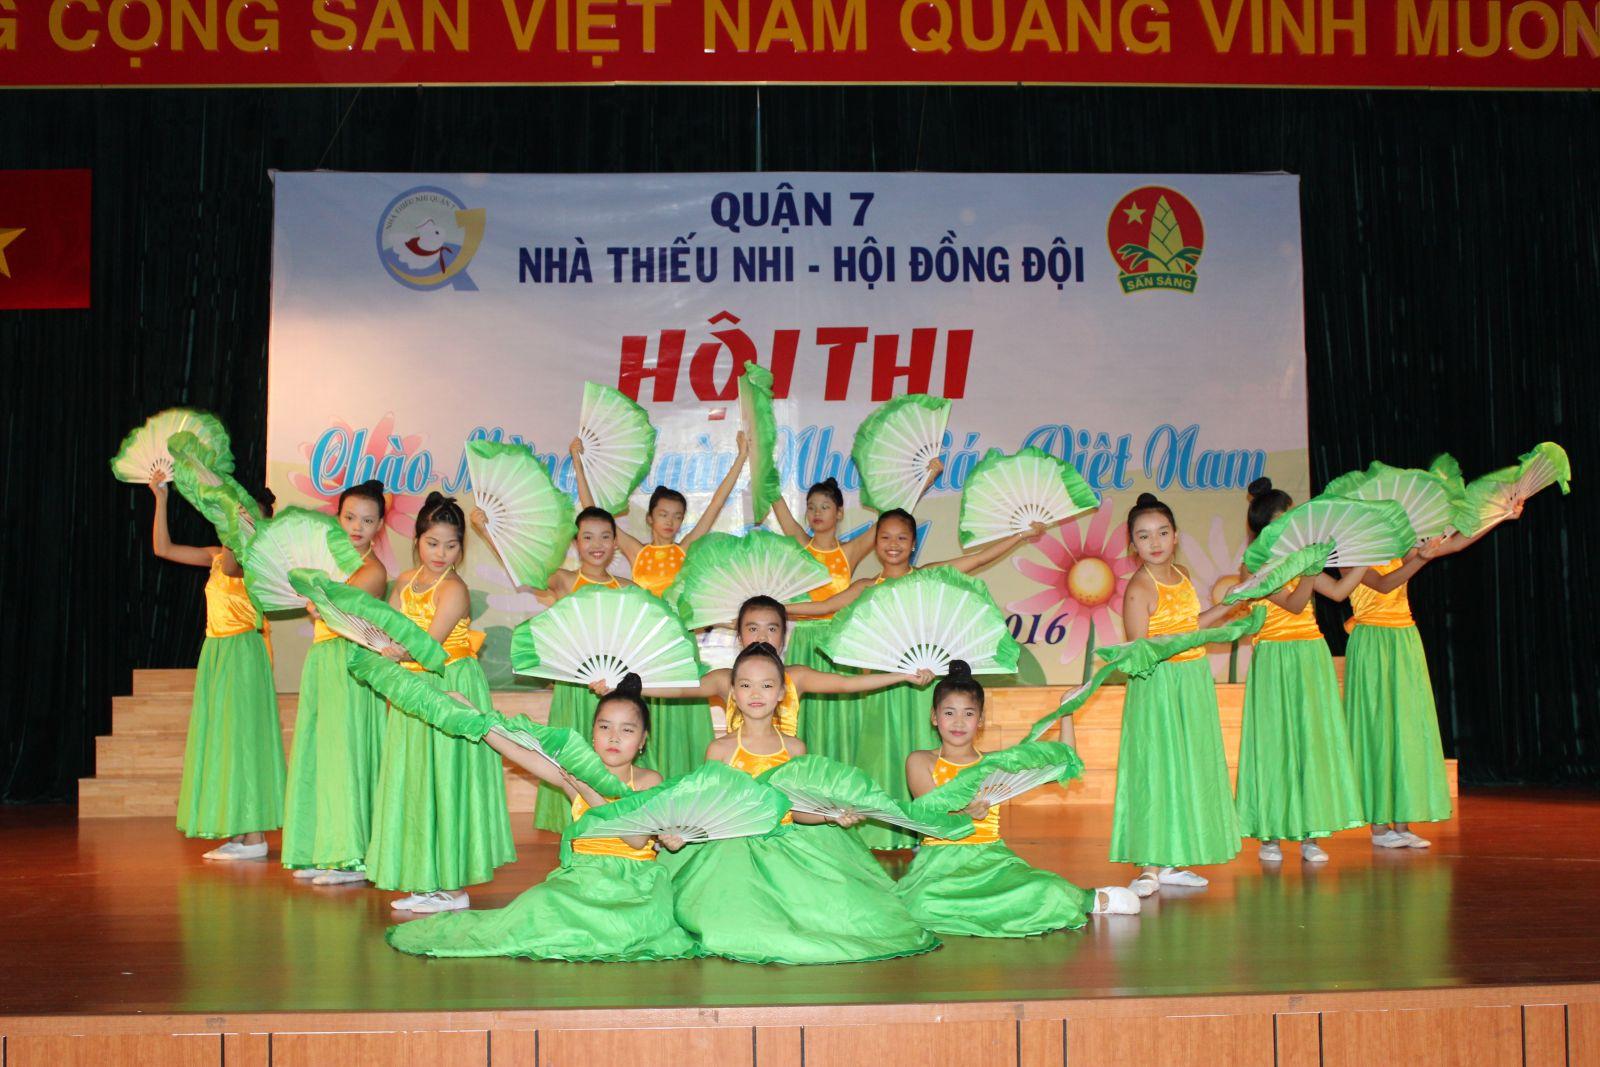 Hội thi chào mừng ngày N hà giáo Việt Nam 20/11